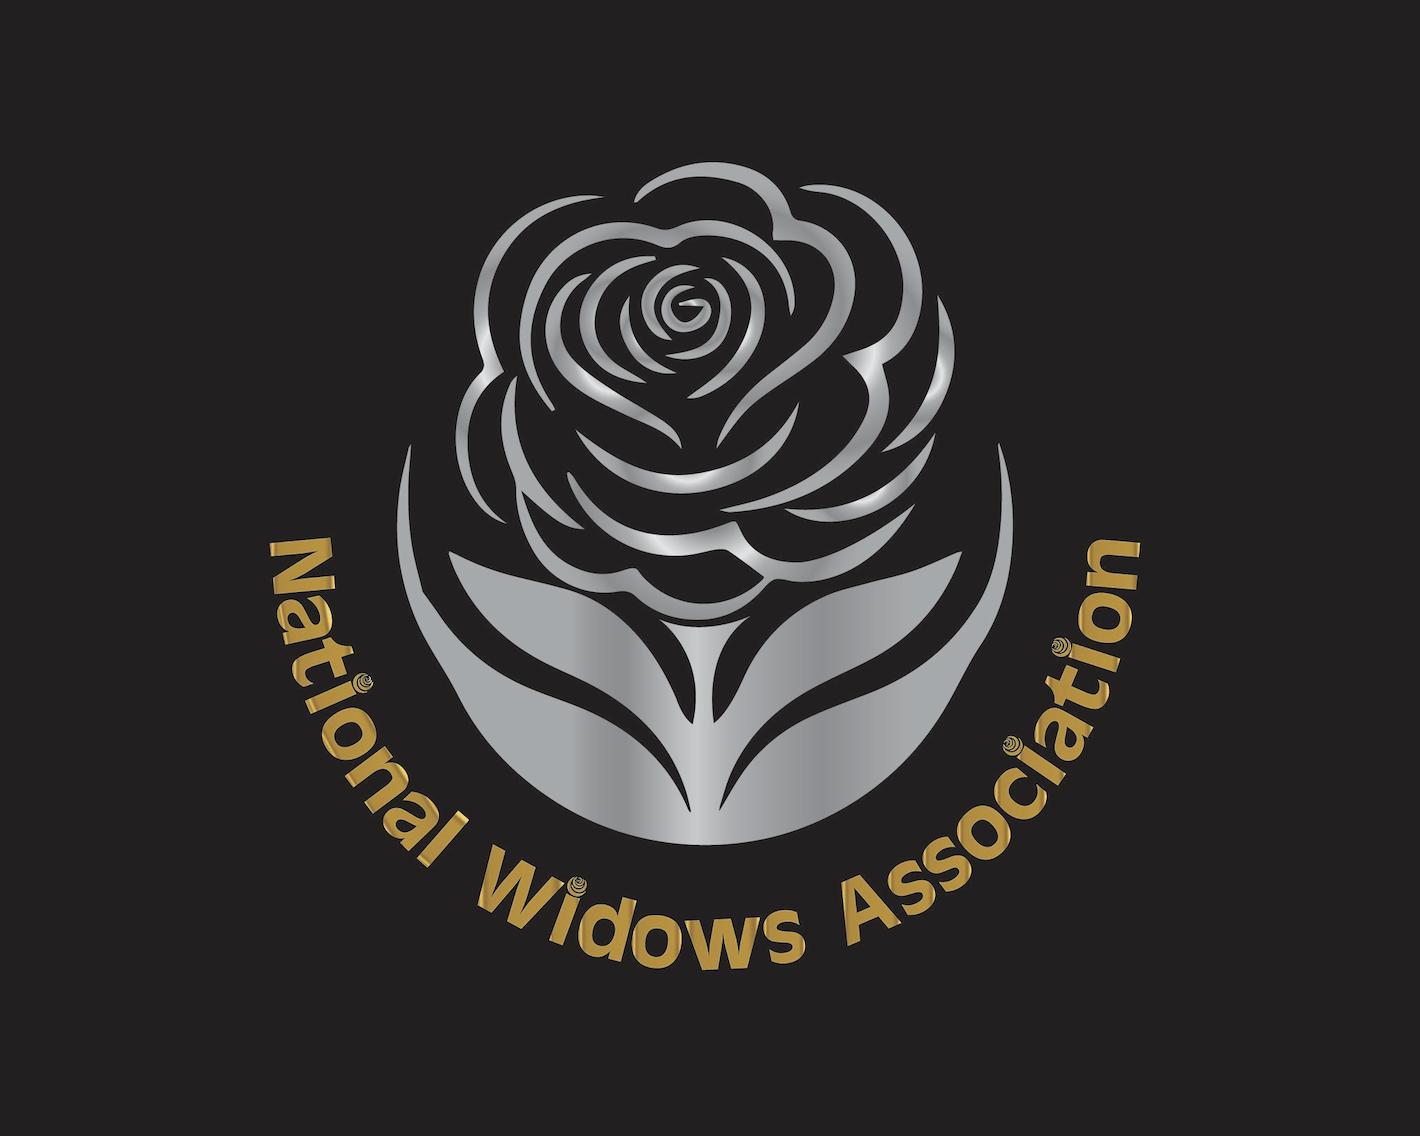 The National Widows Association